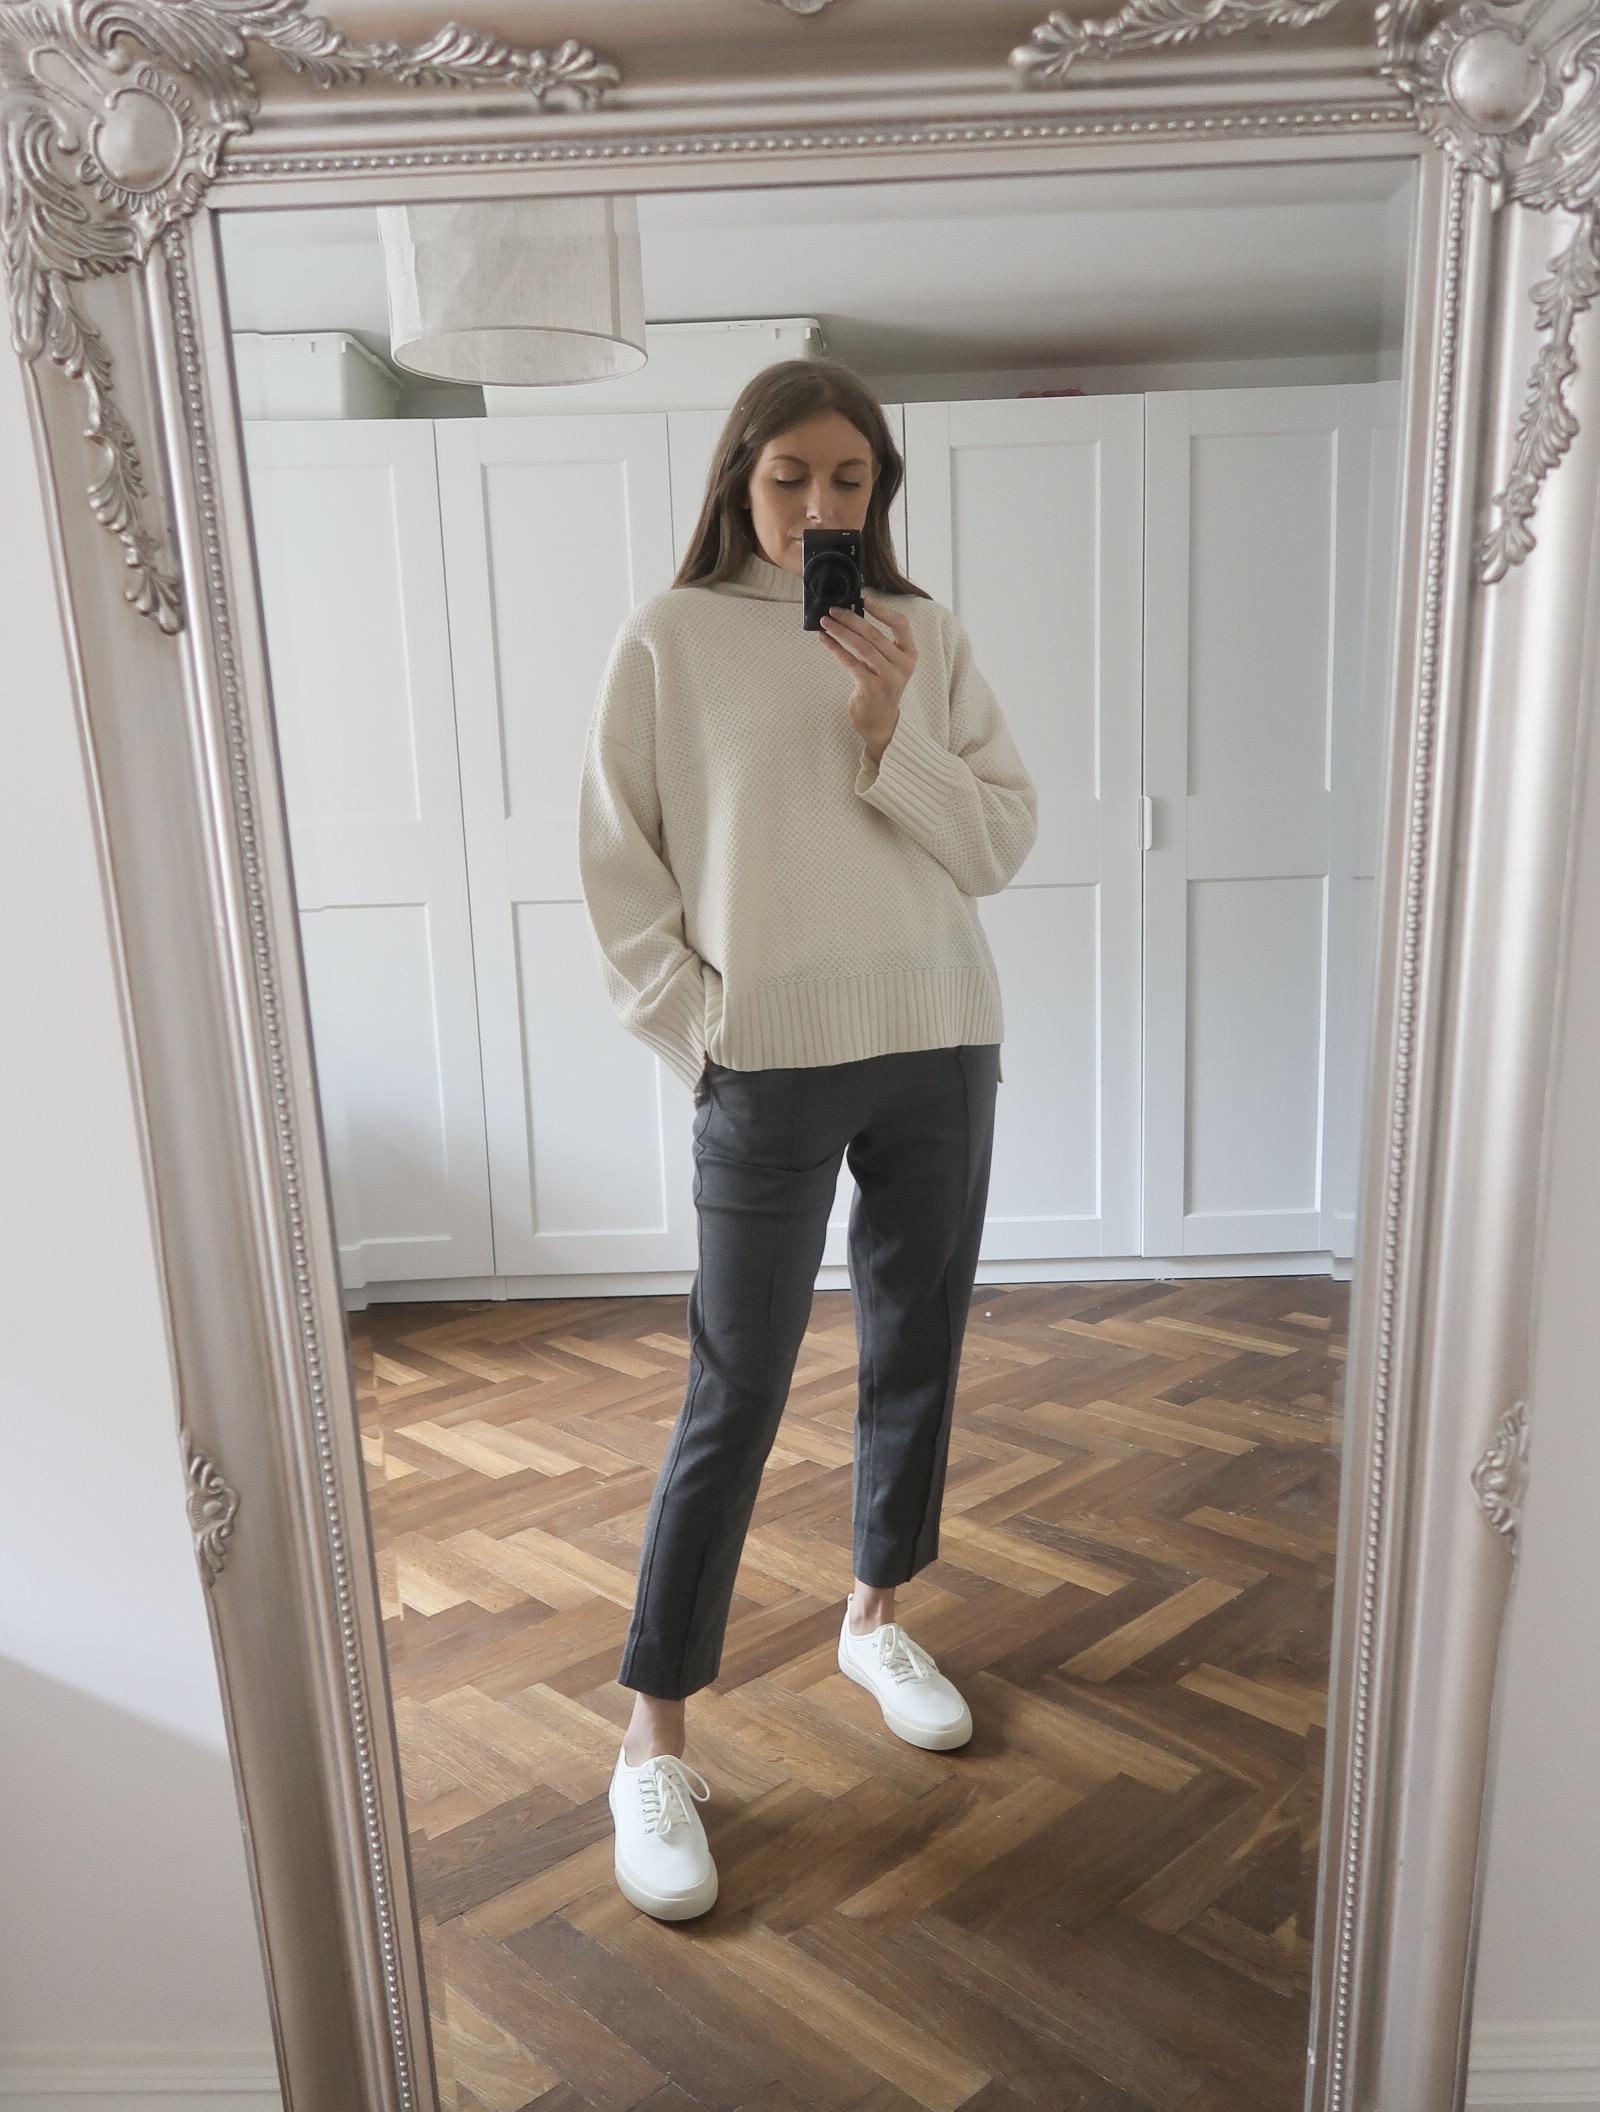 Everlane Autumn Outfit Idea